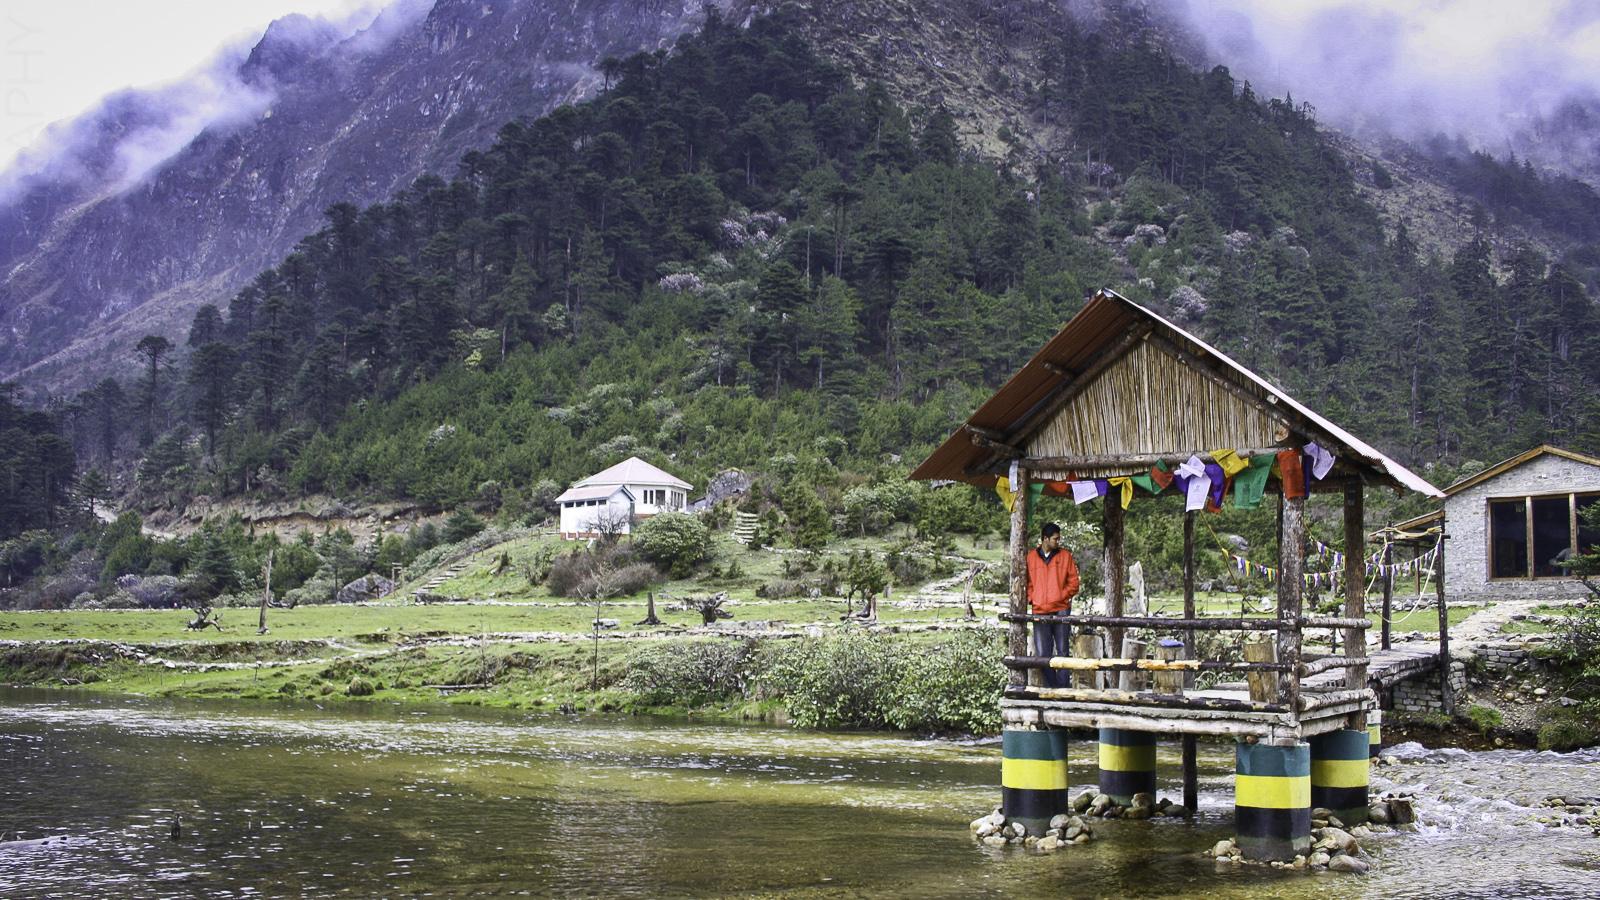 At Shungetser Tso / Madhuri Lake